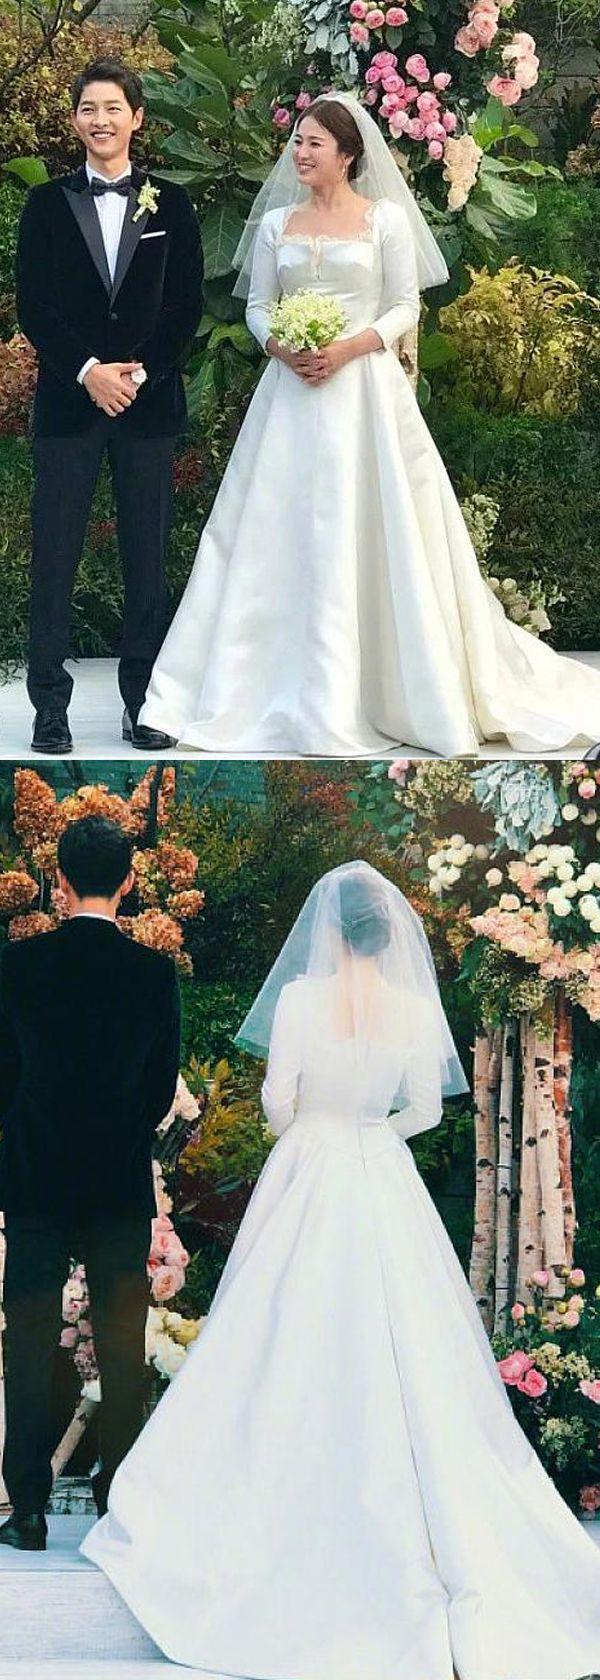 Best A-line Wedding Dresses : Romantic Satin & Lace Square Neckline Natural Waistline A-line Wedding Dress